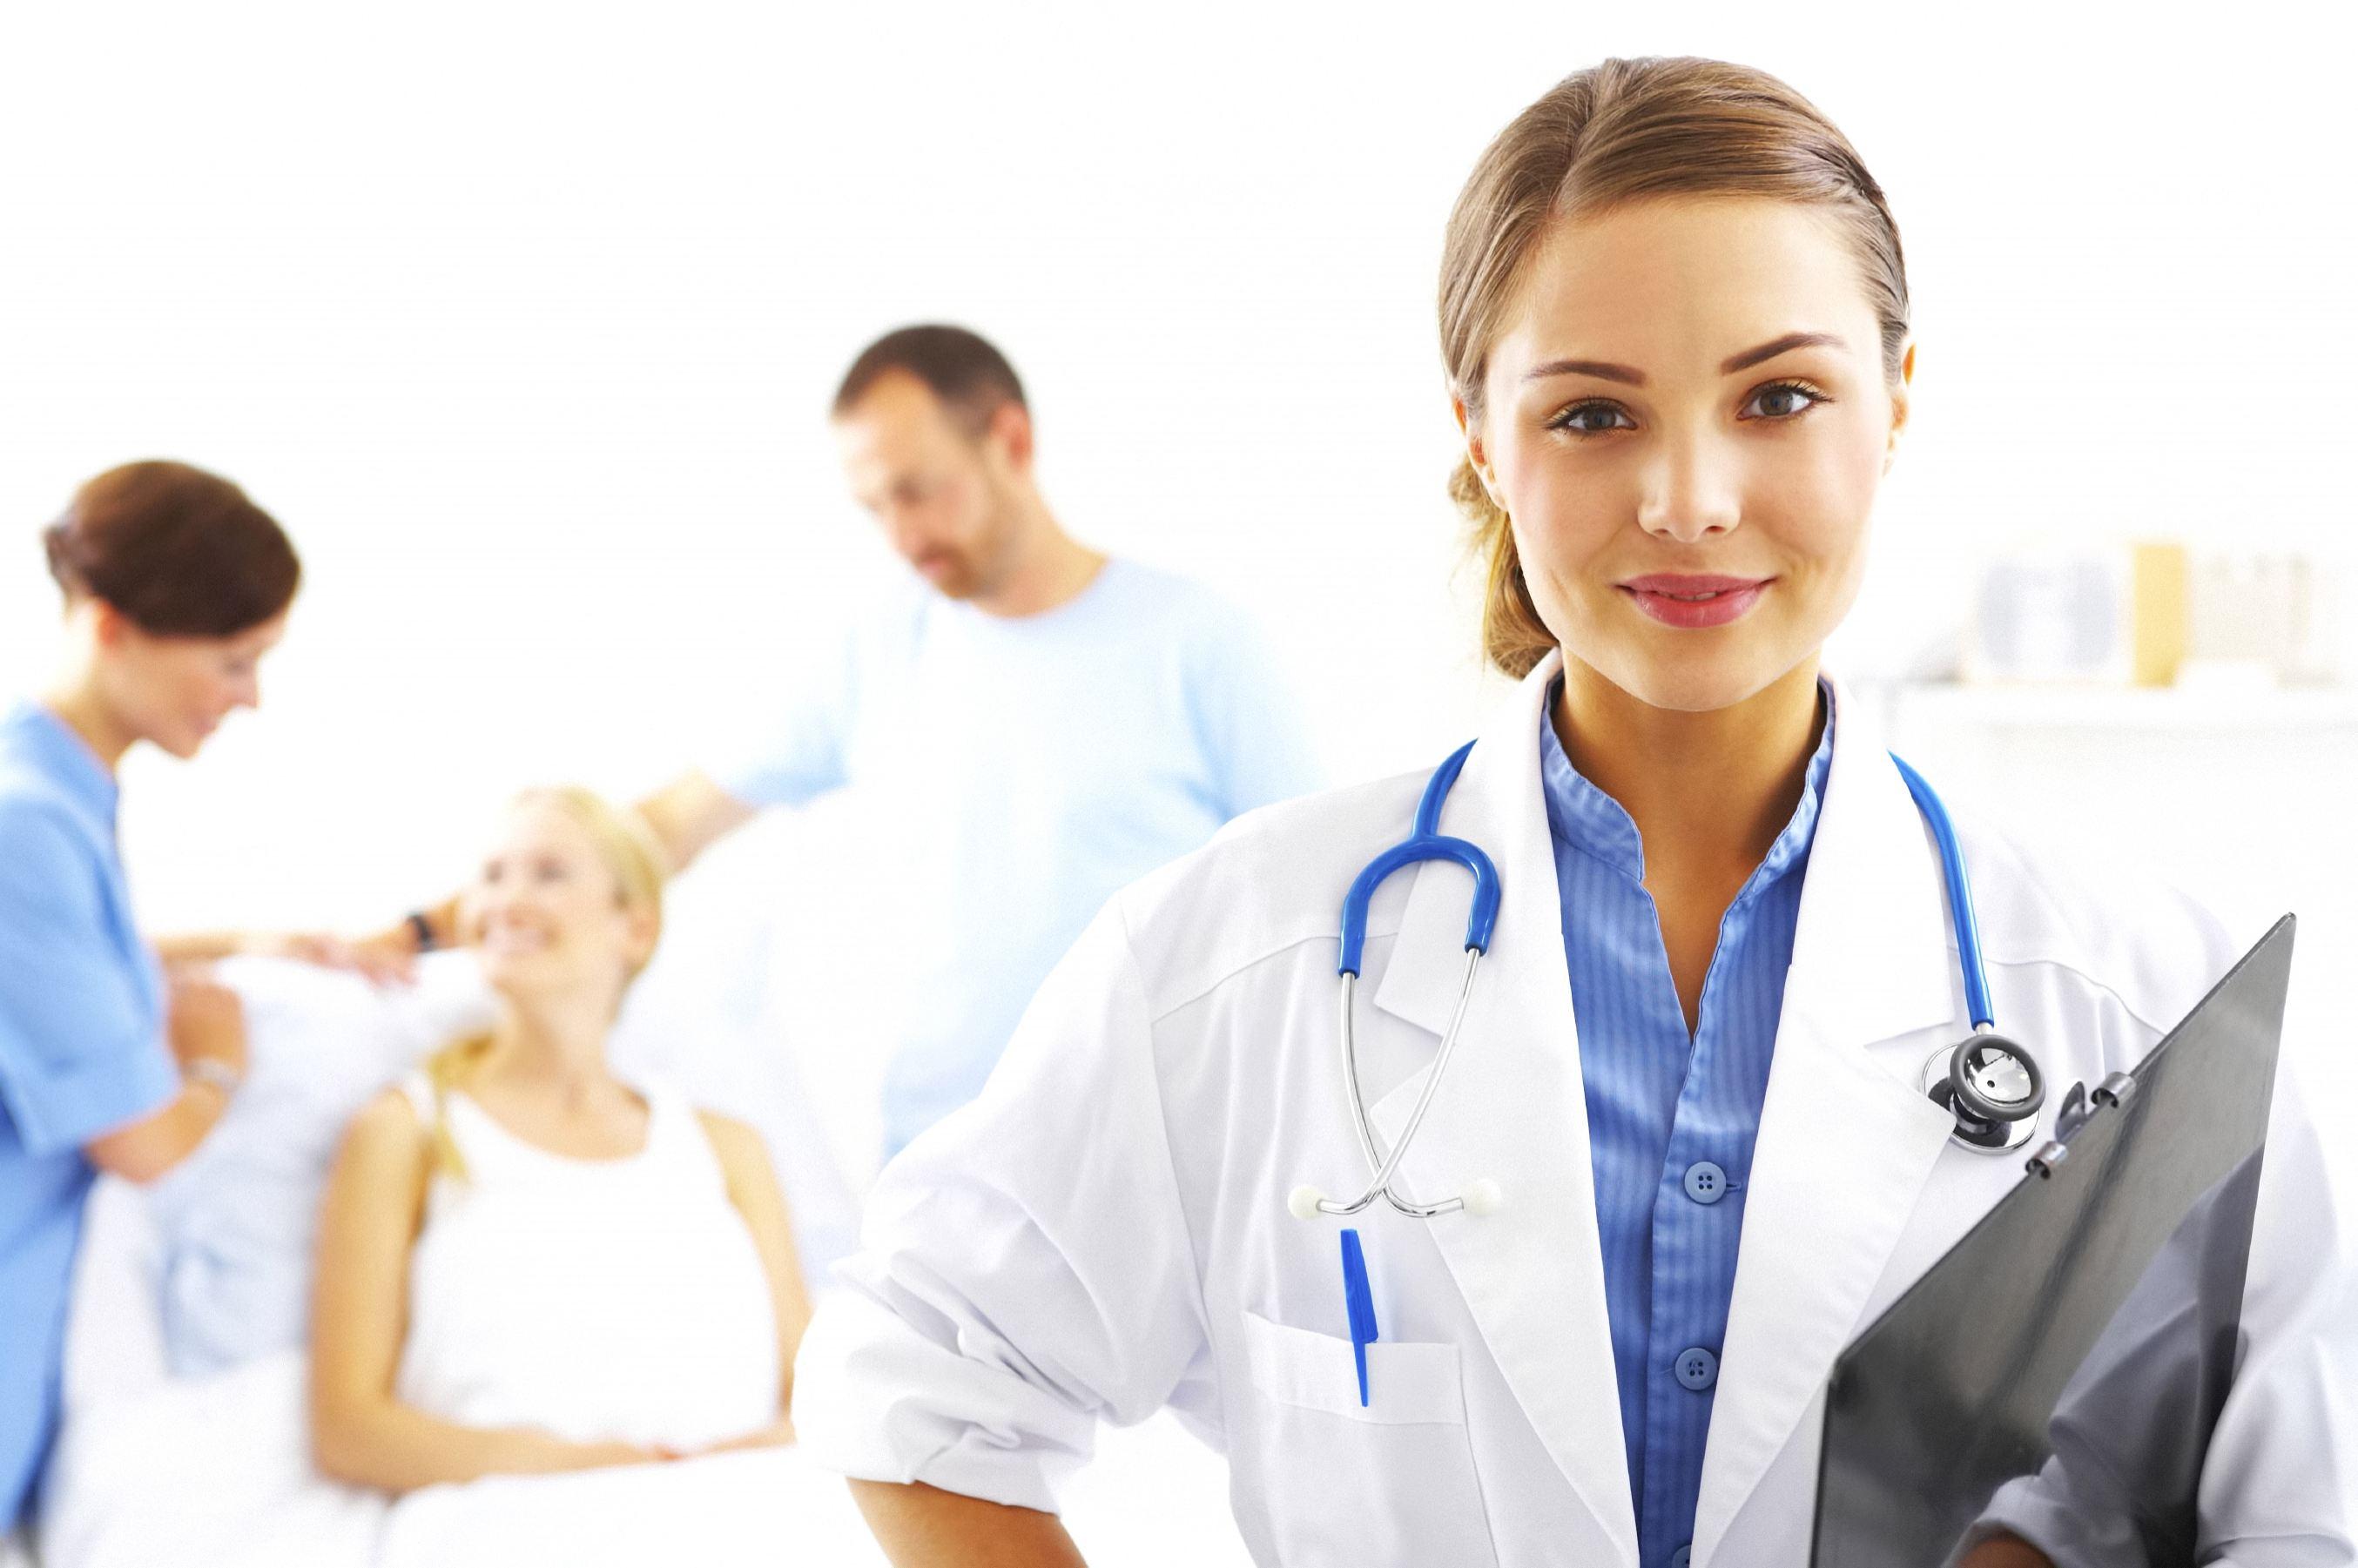 врач на фоне пациента